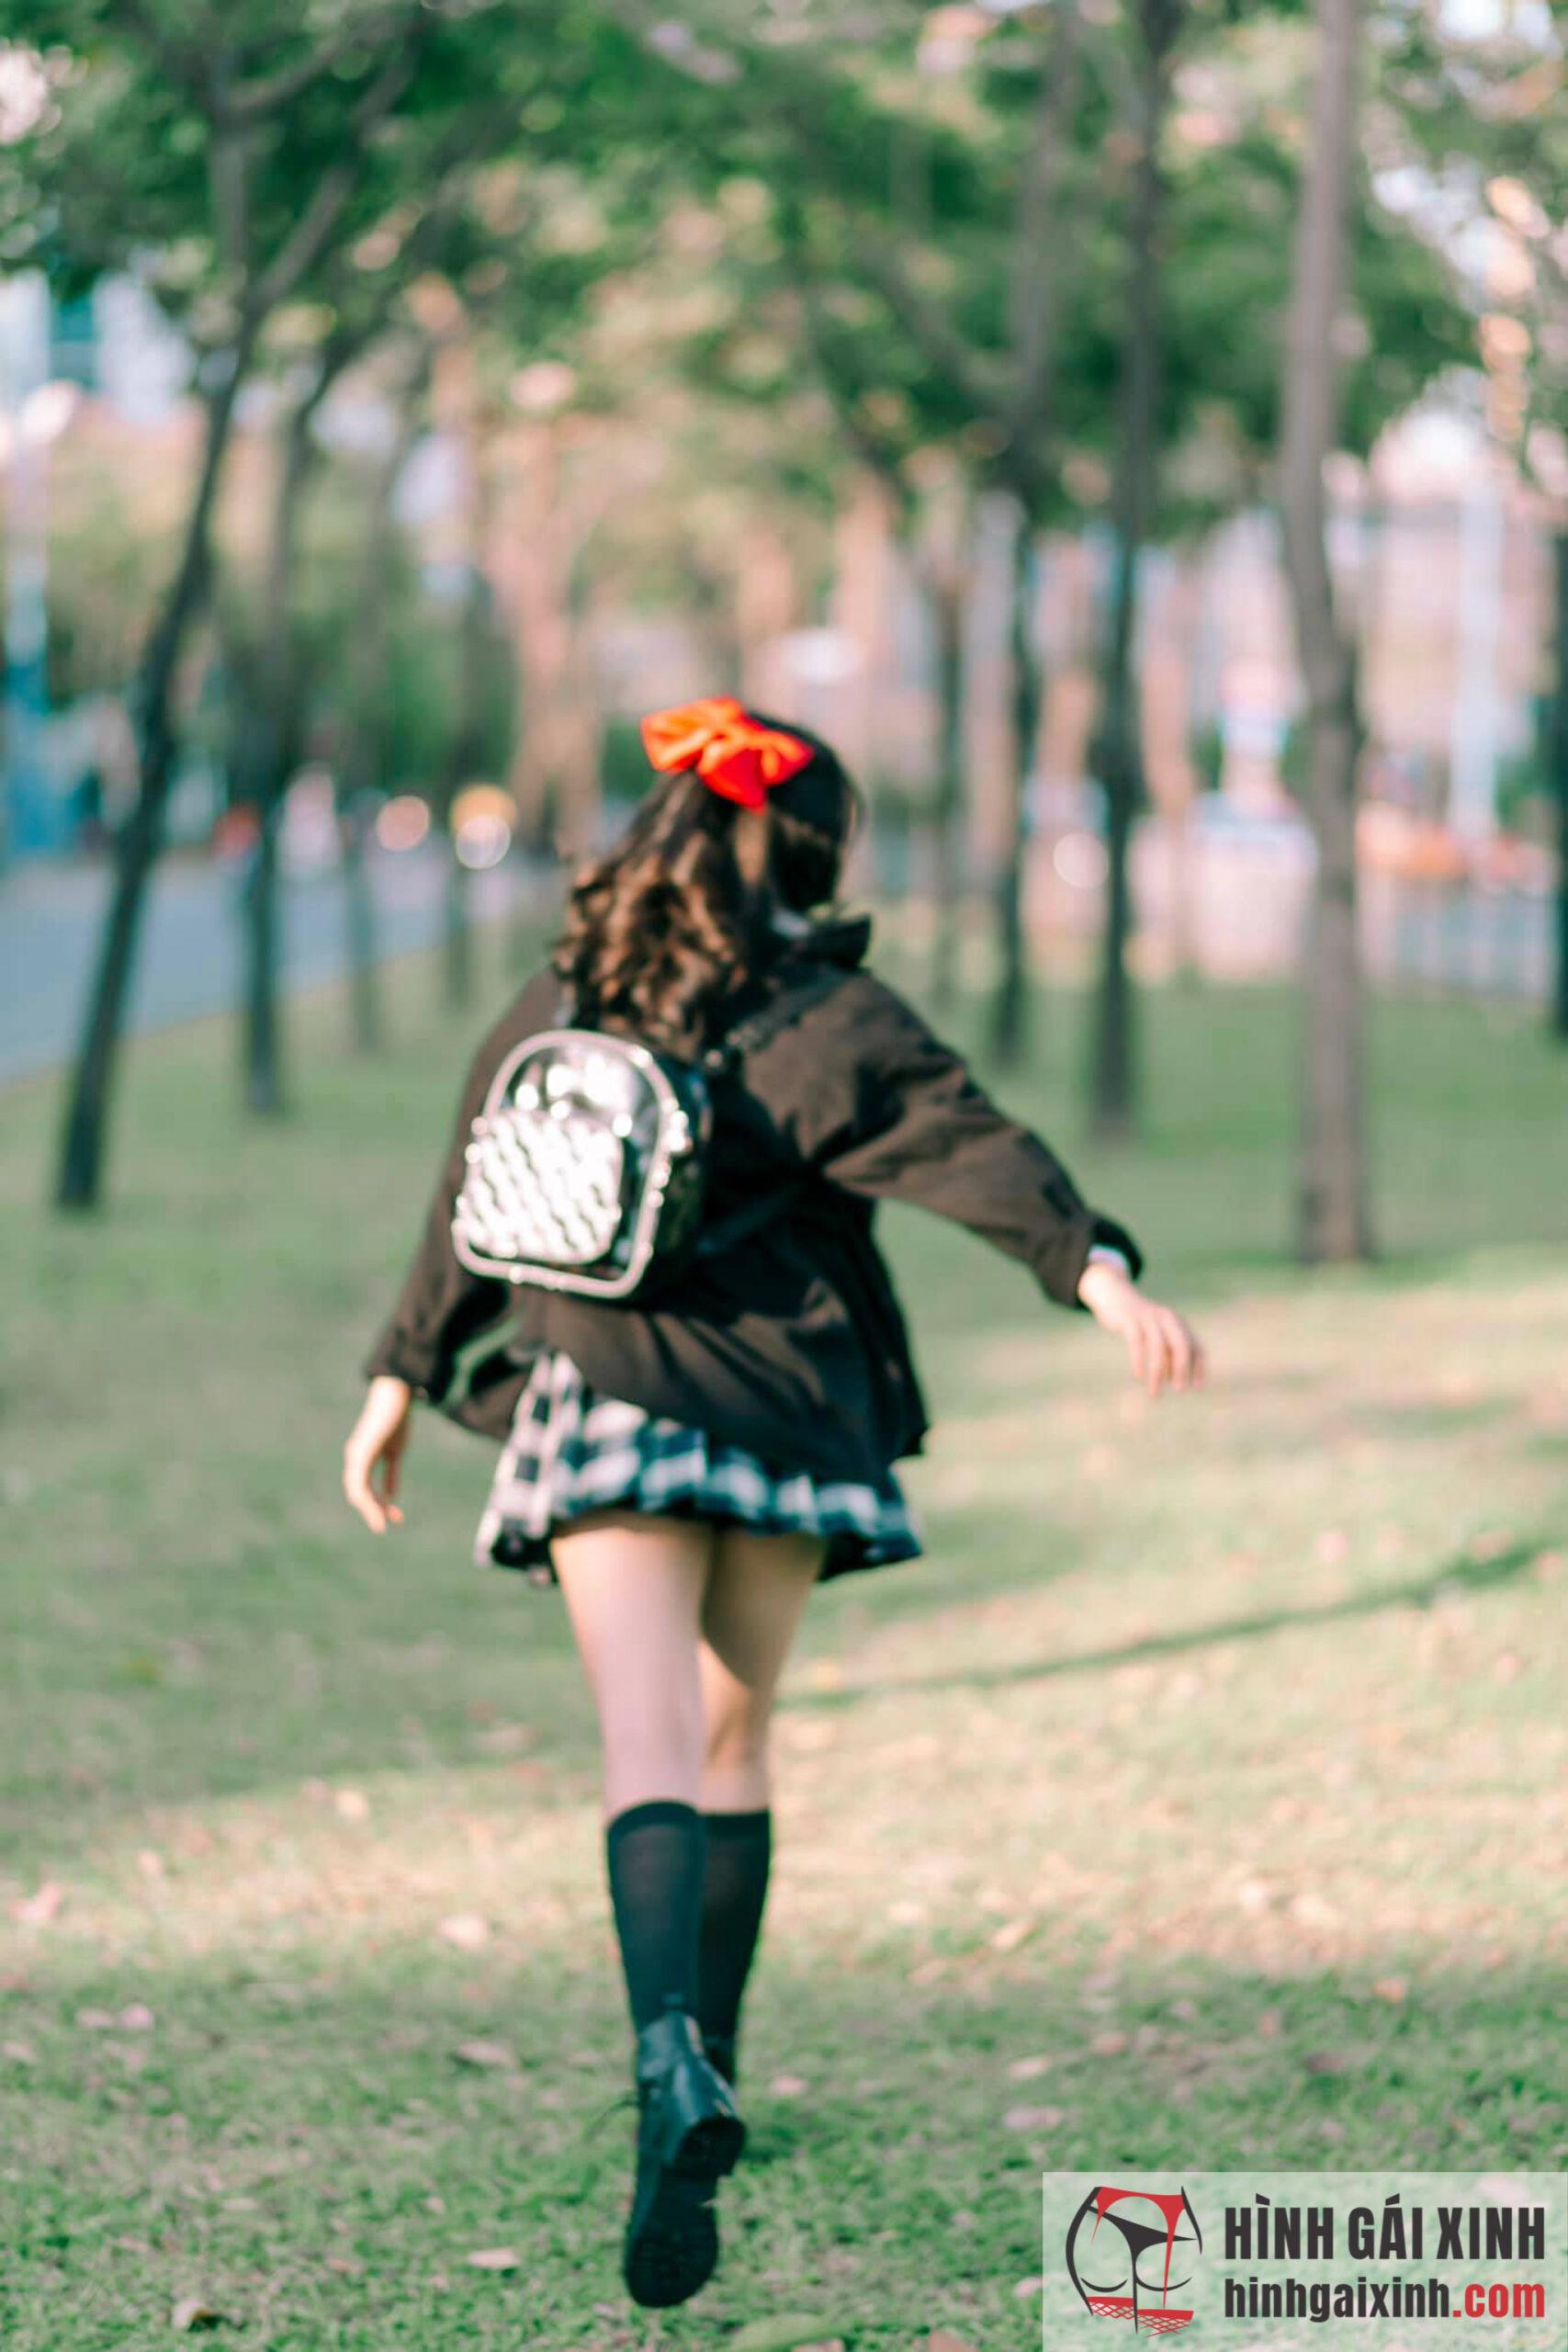 Meily Miaa quá nổi tiếng là một trong những mỹ nhân sinh năm 2005 được yêu thích nhất tiktok